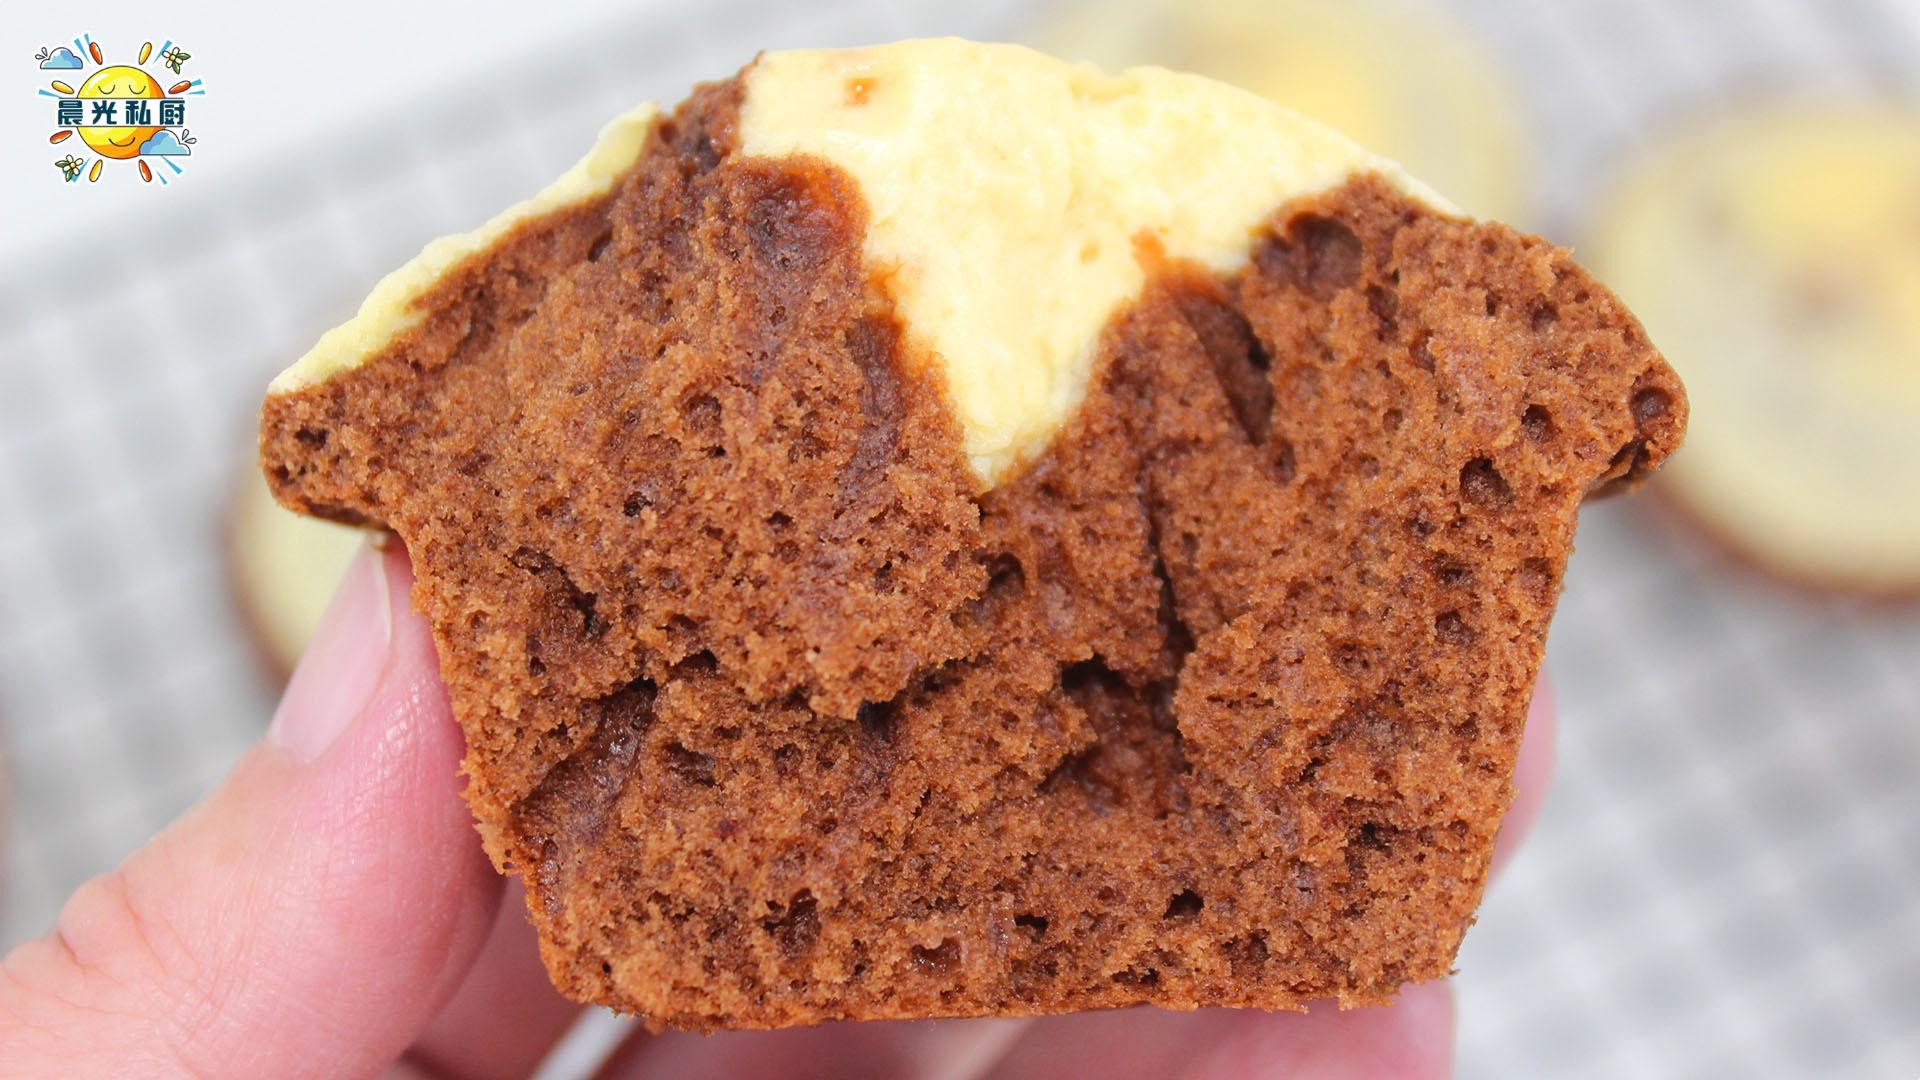 巧克力奶酪玛芬,14步详解黄油打发技巧,1000字食材选购心得